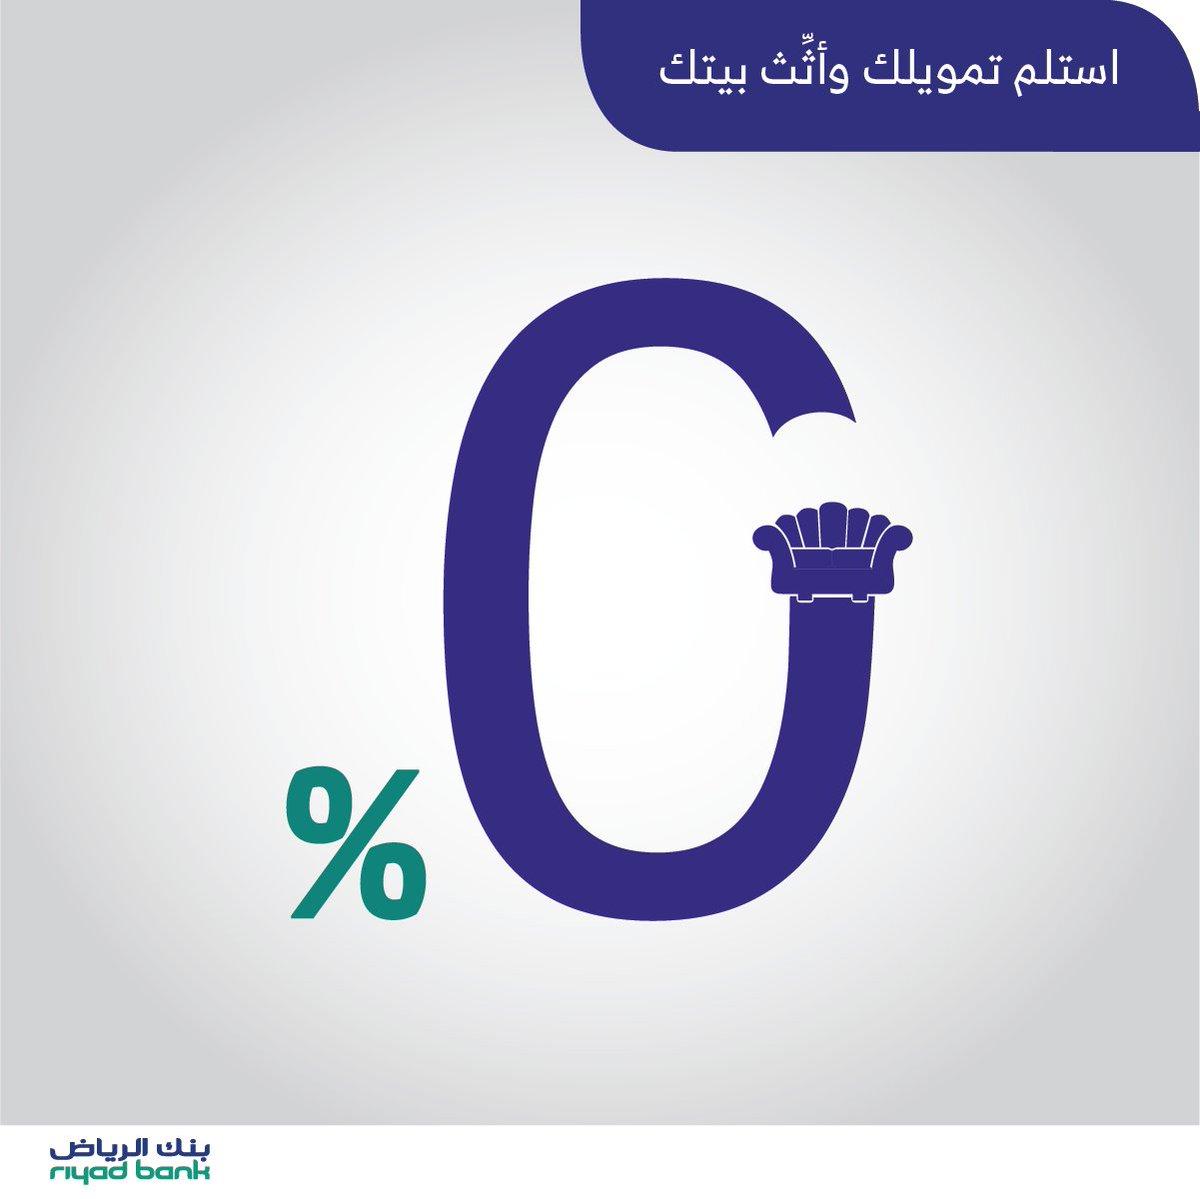 تمويل شخصي بنك الرياض